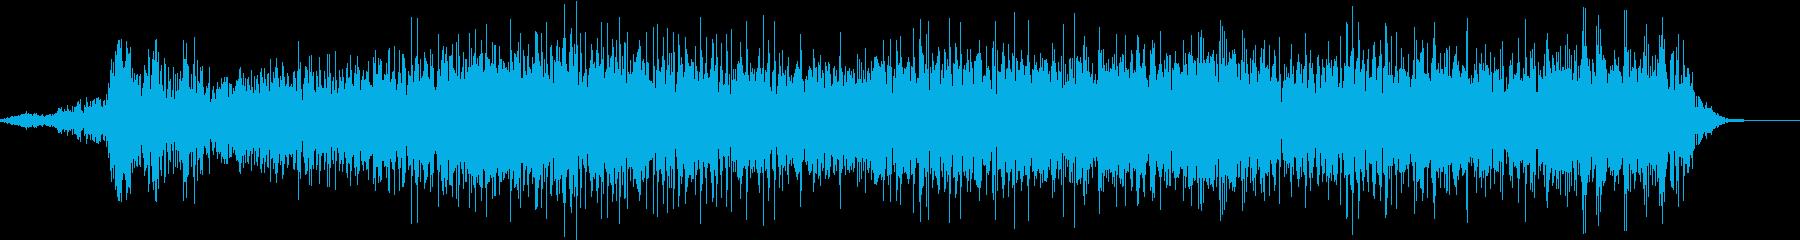 「えええええ」デスボイス(高い声)の再生済みの波形